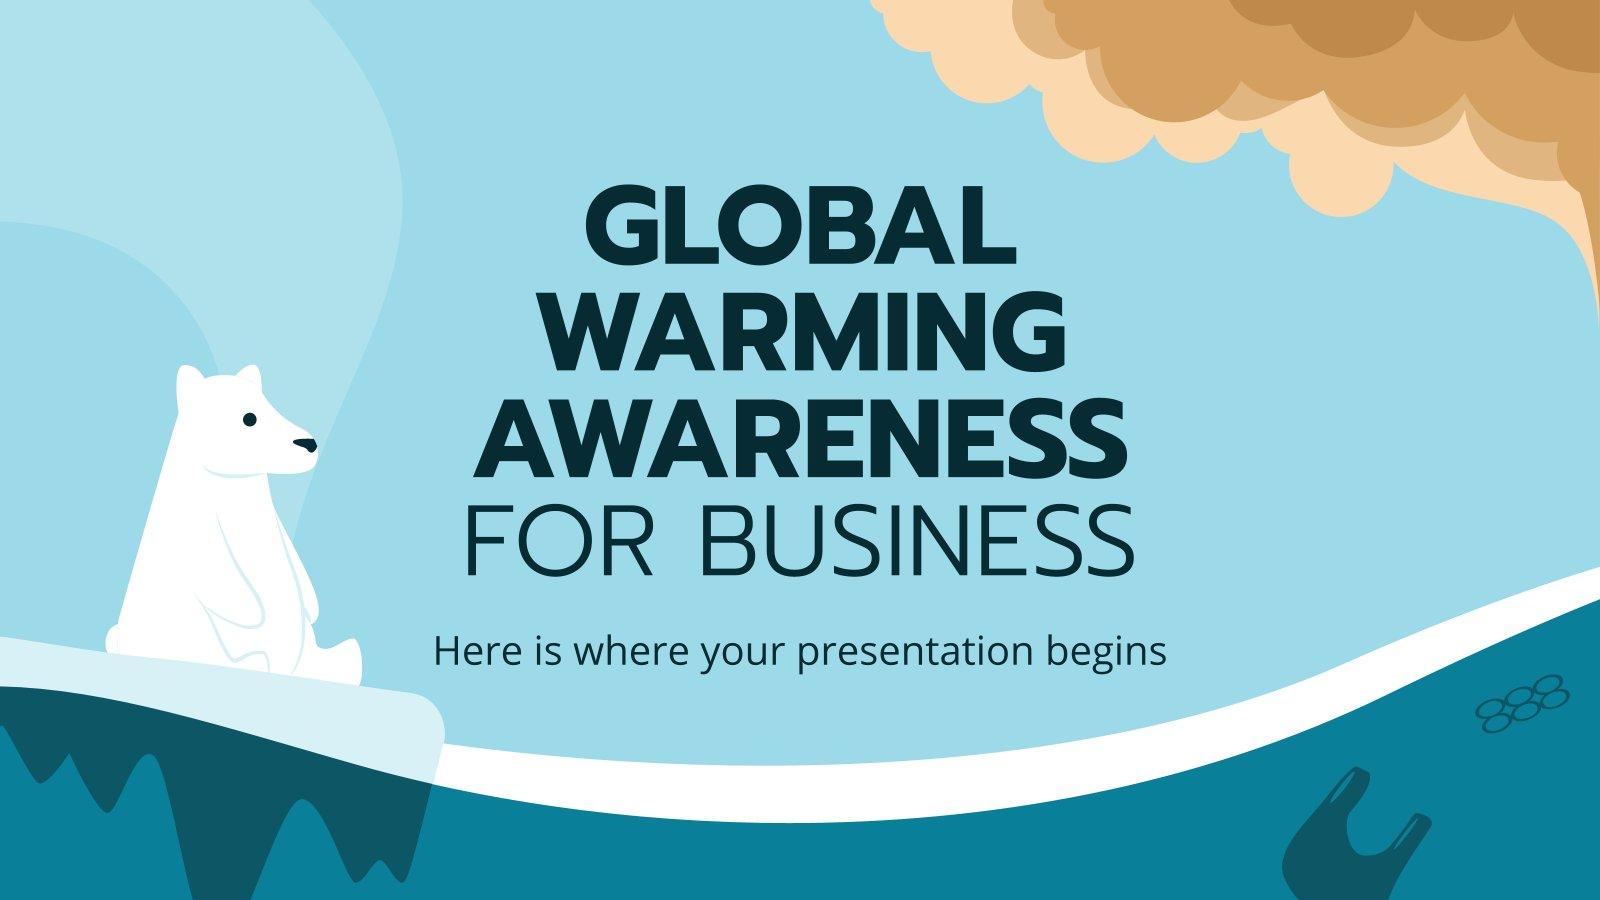 Modelo de apresentação Conscientização sobre o aquecimento global para os negócios